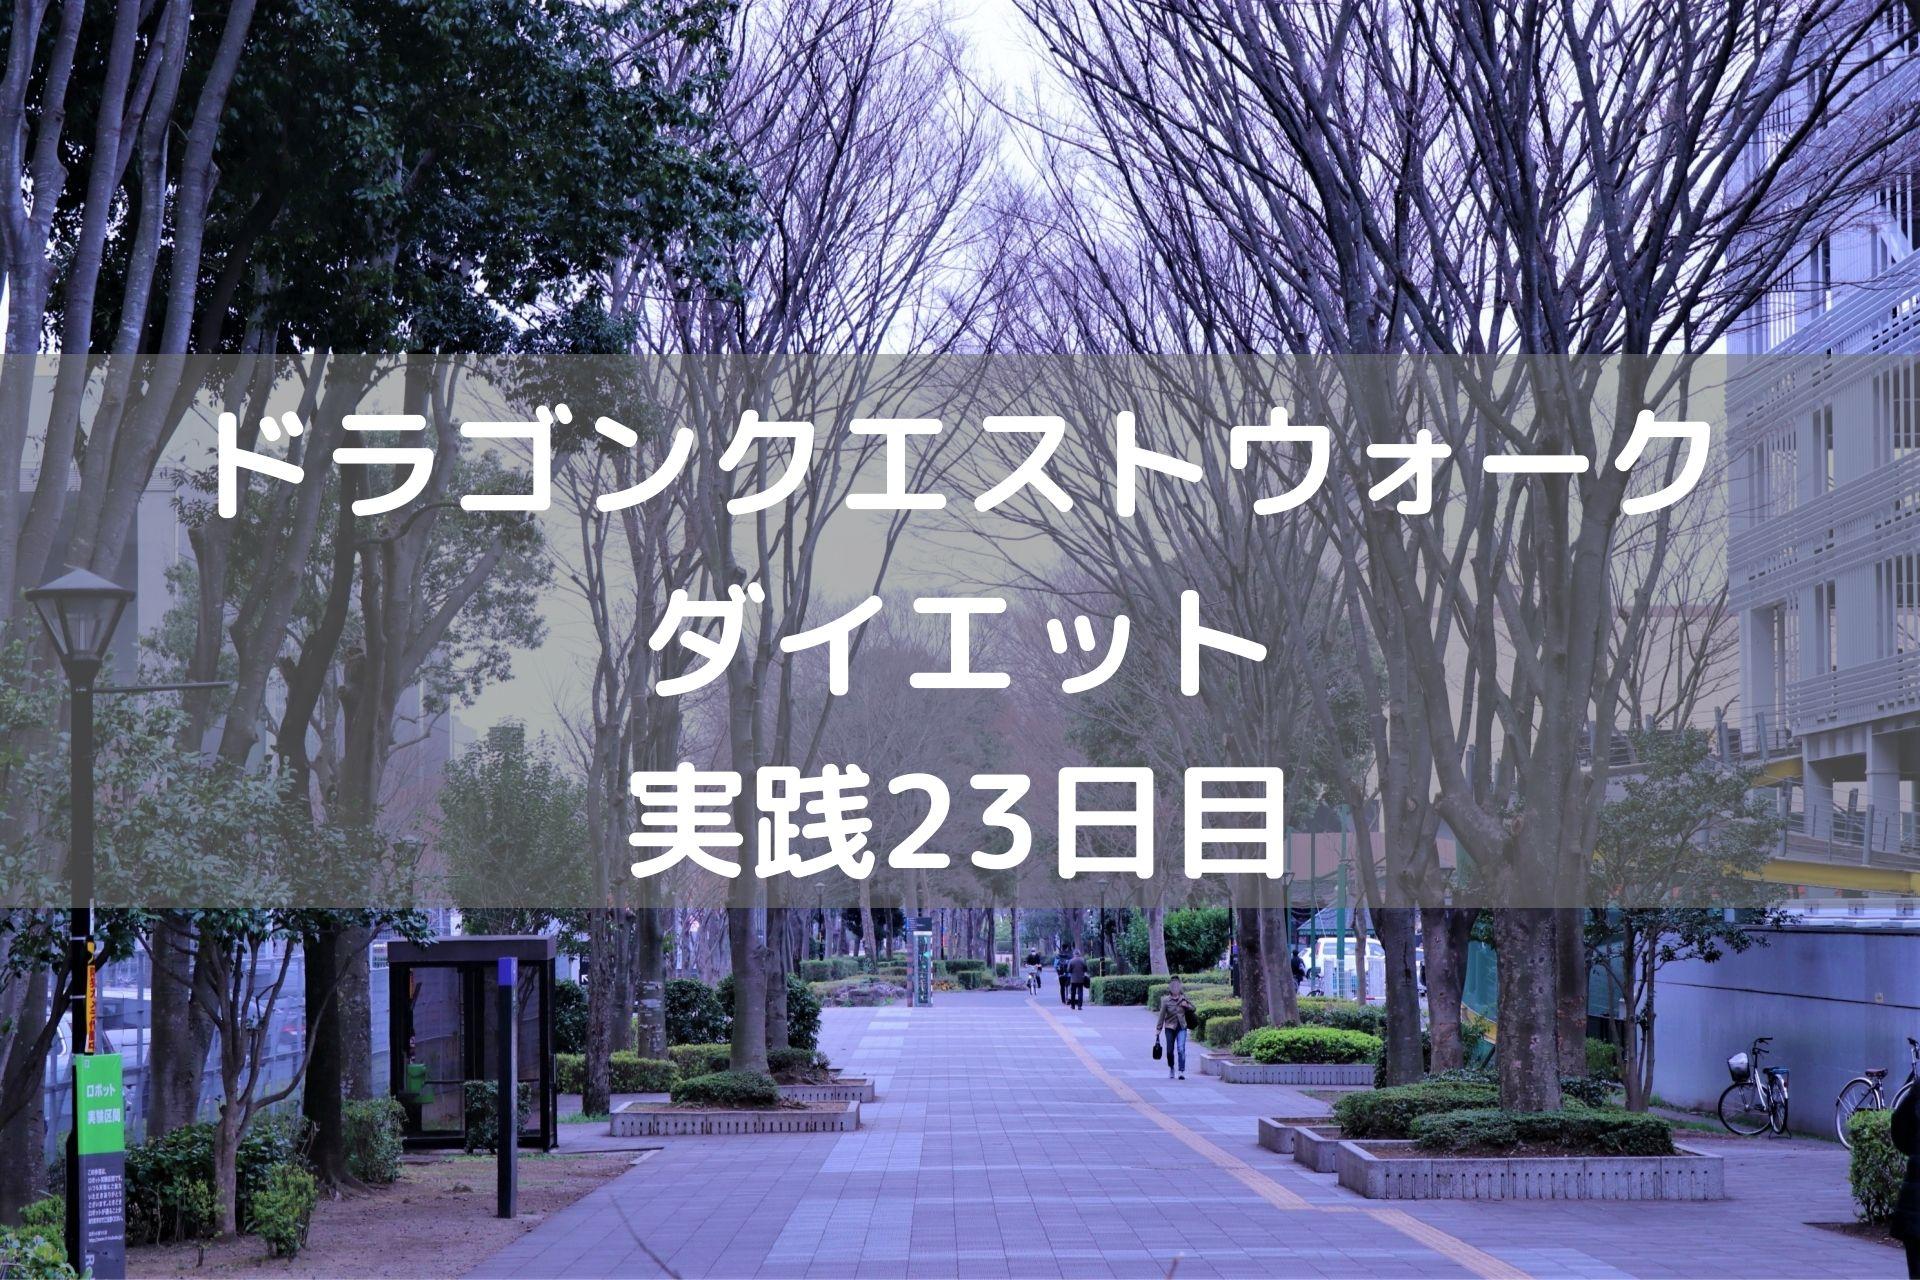 ストーリー第5章コンプリート! 【DQウォーク実践23日目】